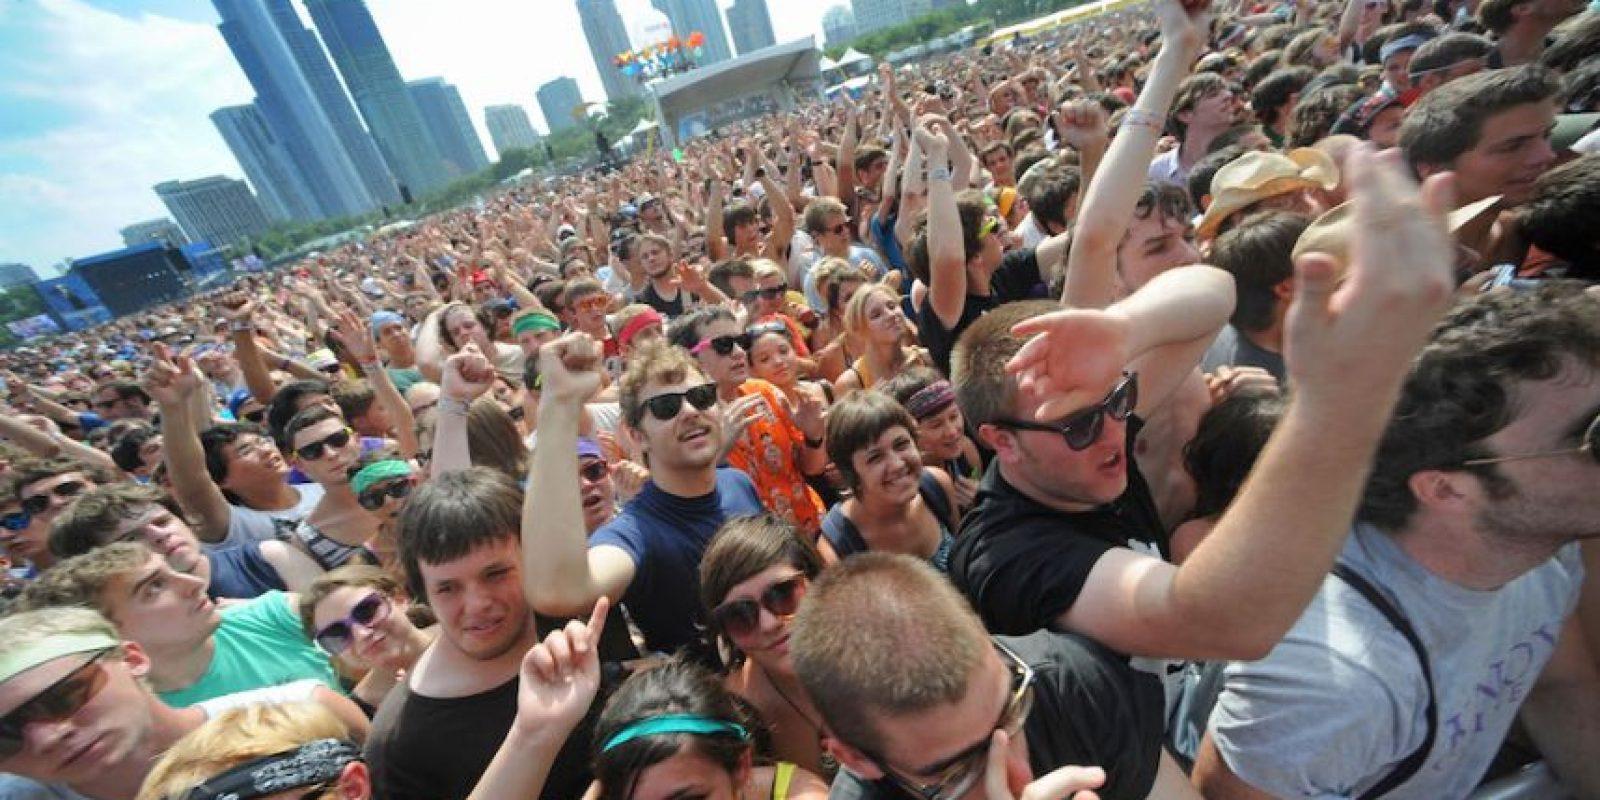 El festival que se realiza en la ciudad estadounidense de Chicago también los prohibió, al igual que tampoco pueden entrar narcisistas. Foto:Getty Images